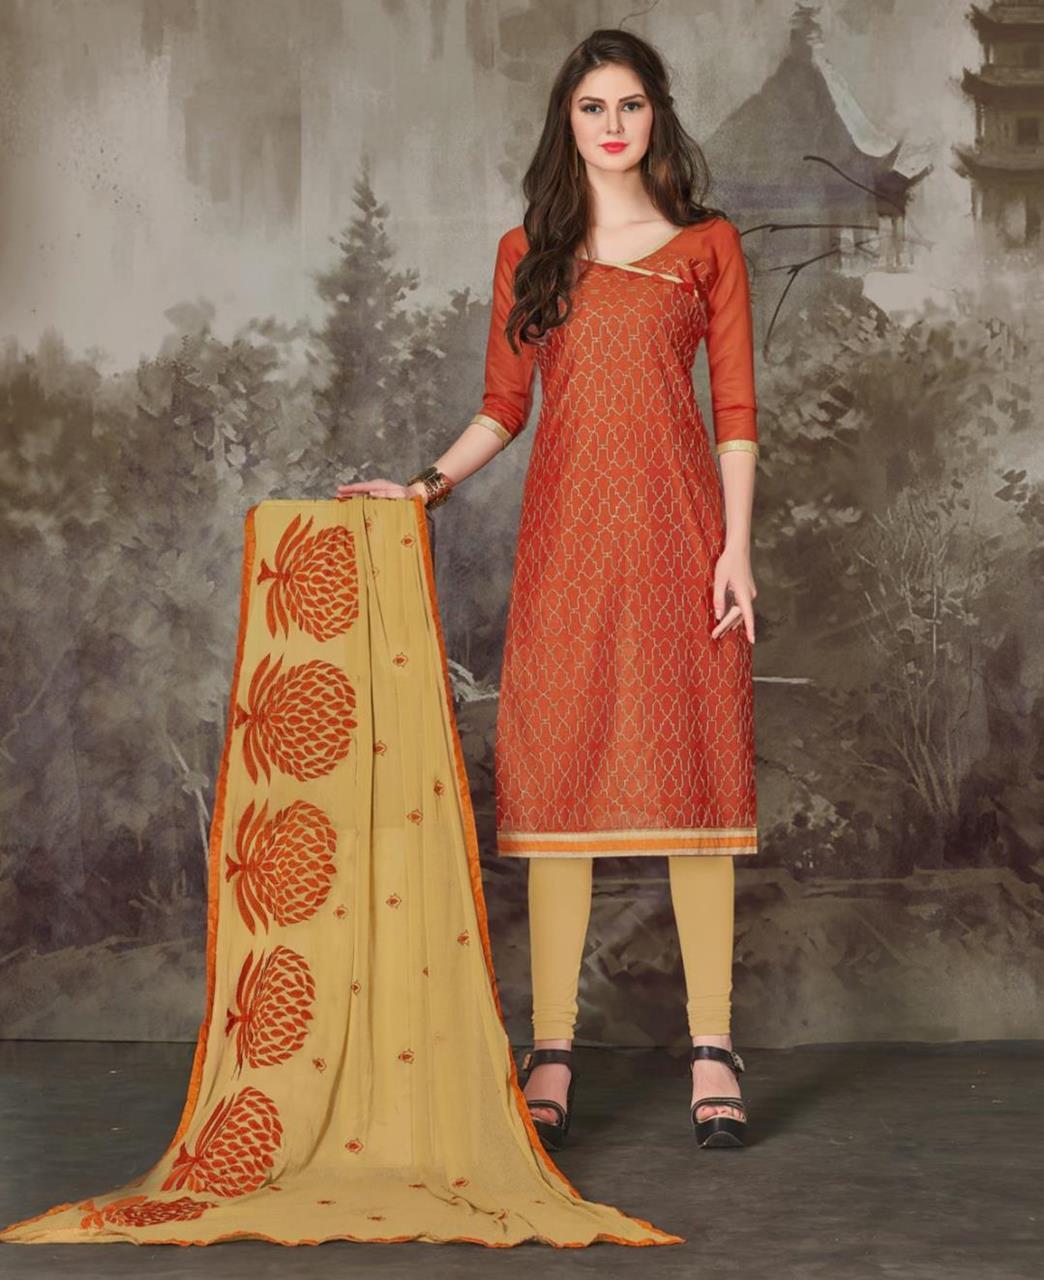 Embroidered Chanderi Orange Straight Cut Salwar Kameez